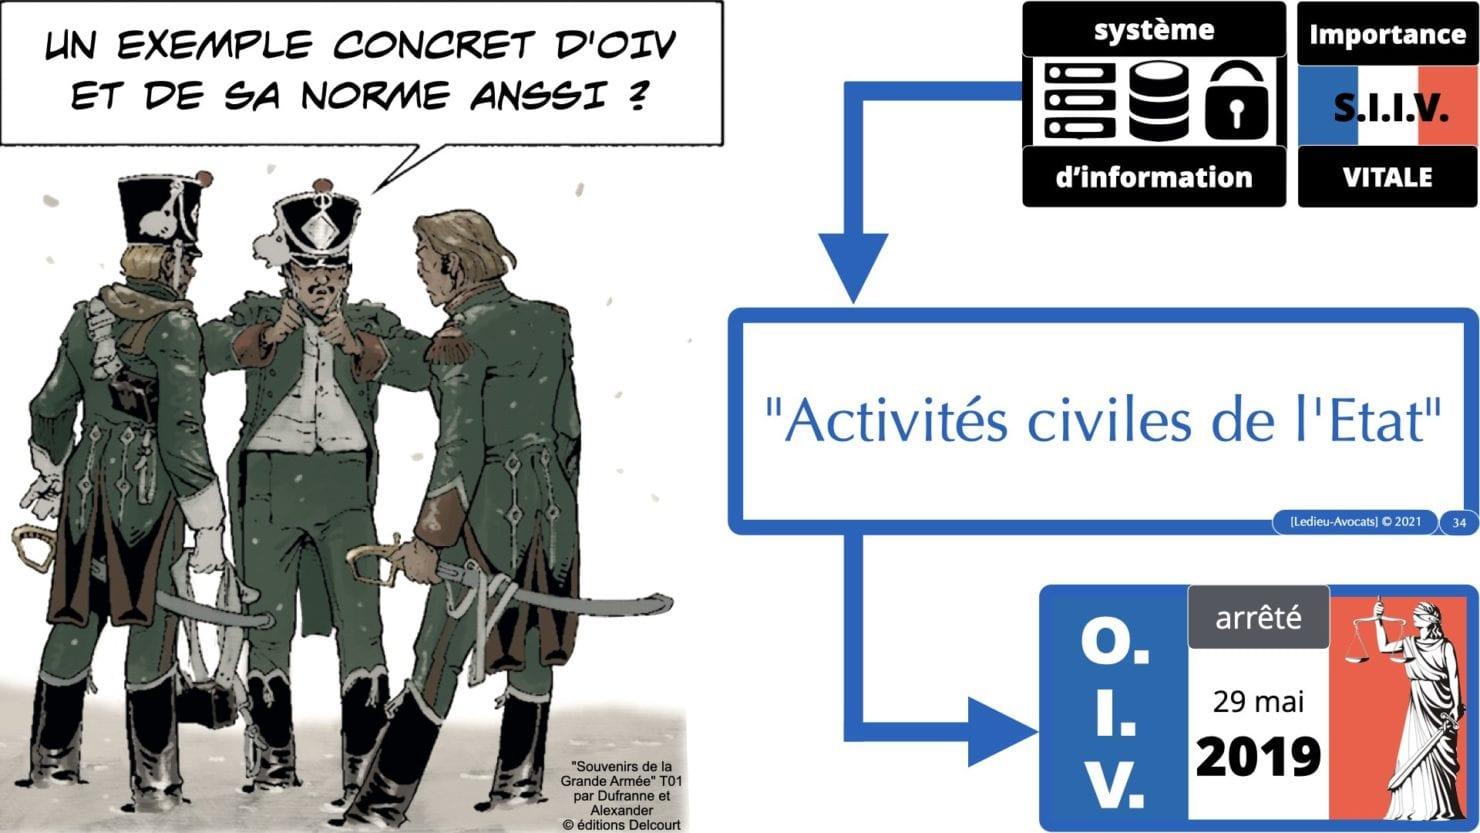 342 cyber sécurité #2 OIV OSE analyse risque EBIOS RM © Ledieu-avocat 15-07-2021.034